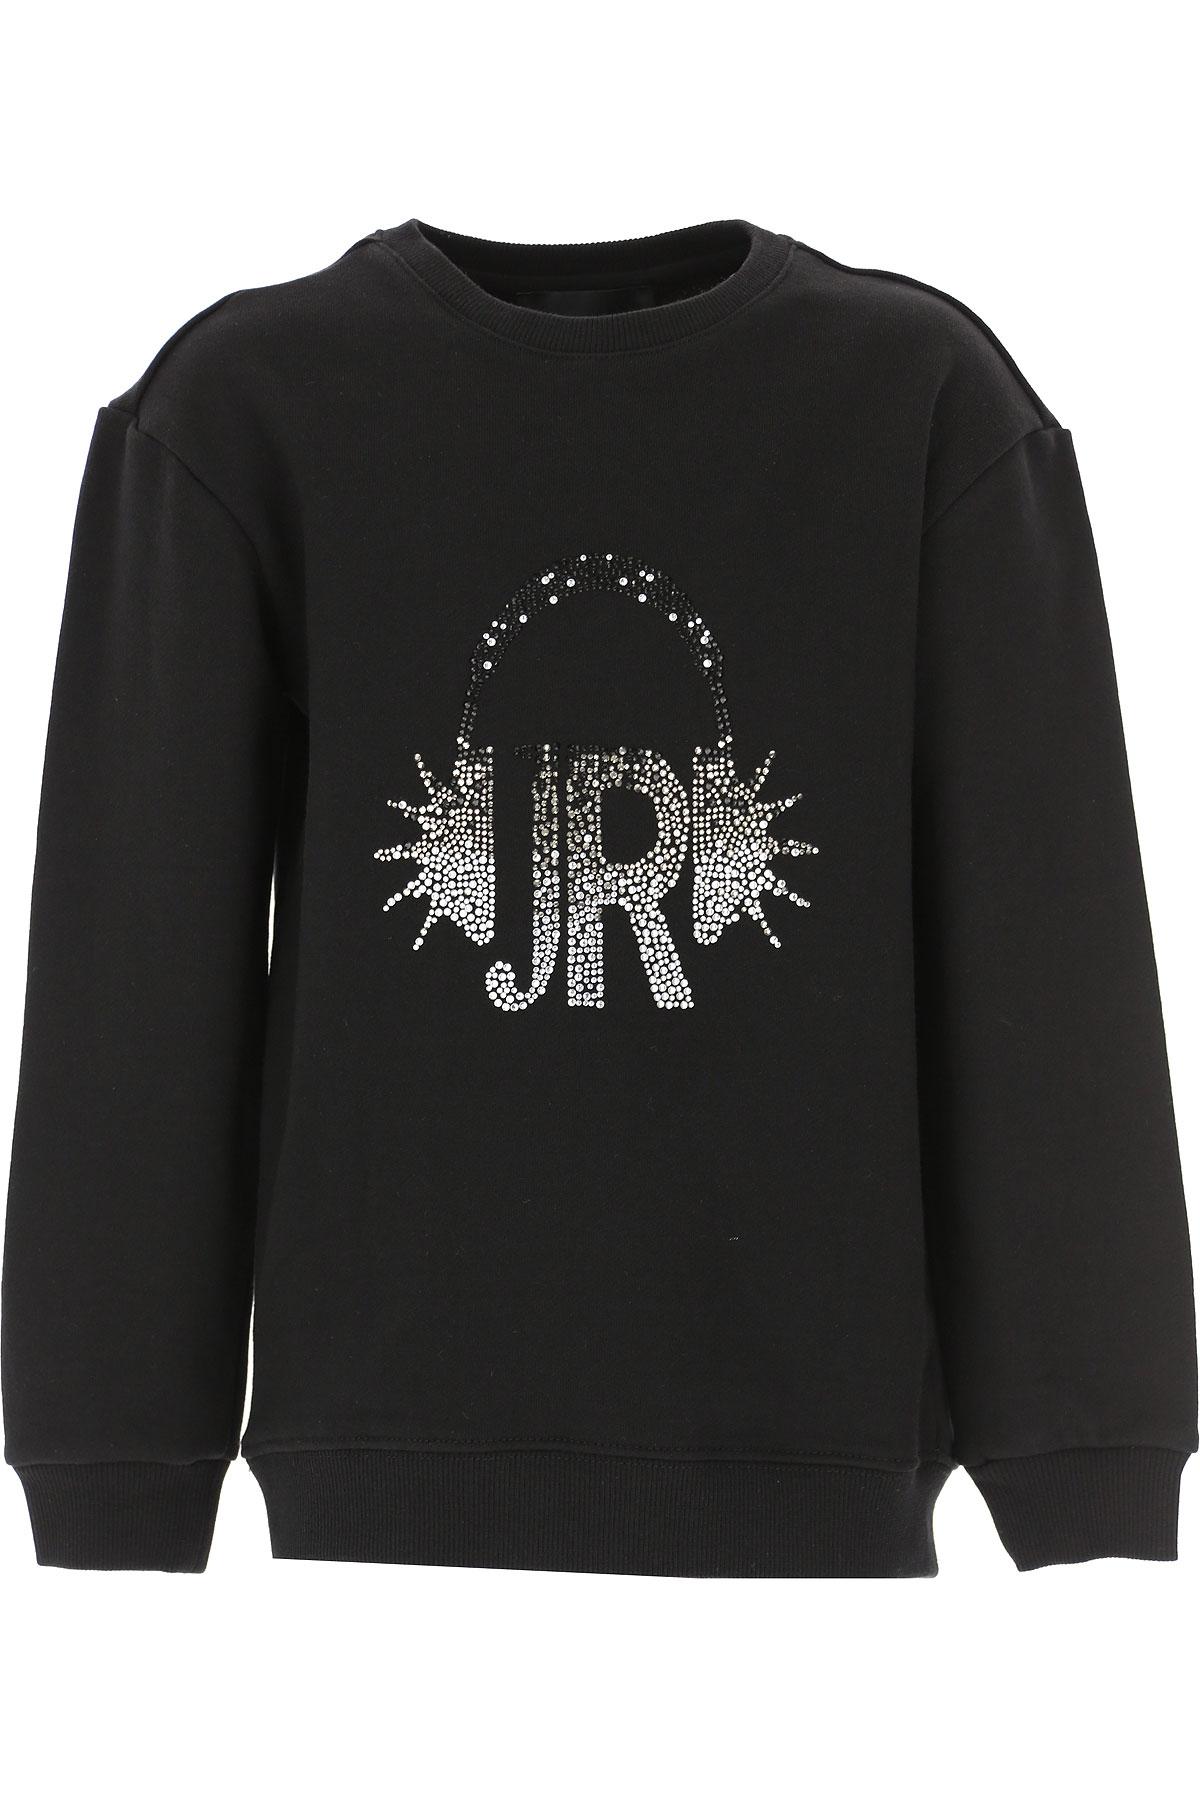 John Richmond Girls Dress On Sale, Black, polyester, 2019, 10Y 12Y 14Y 16Y 4Y 8Y